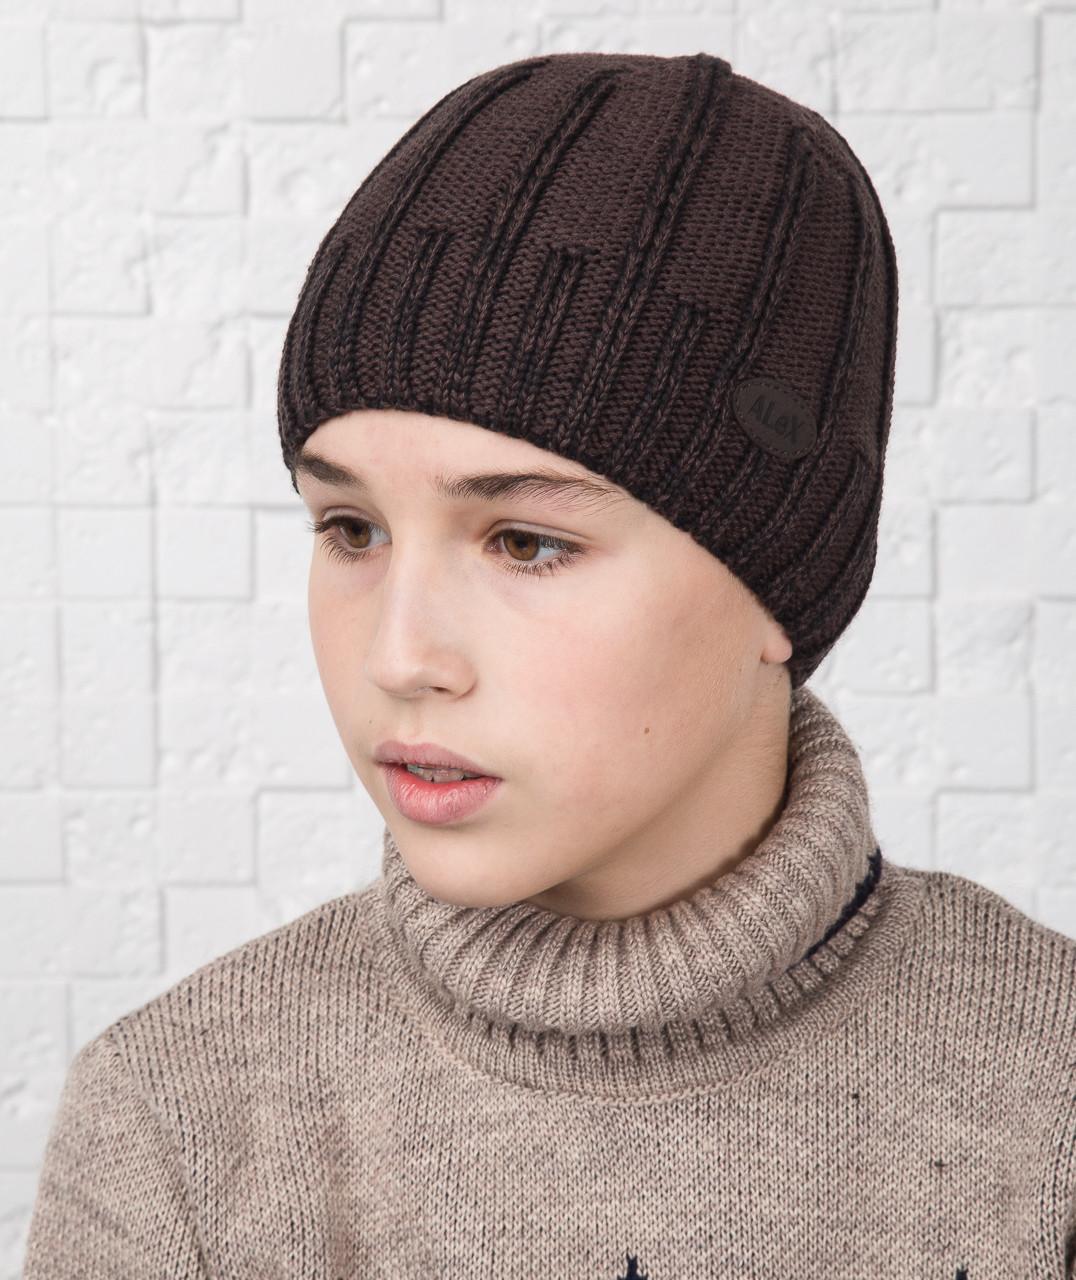 Повседневная шапка для мальчика подростка на флисе - Артикул AL17038